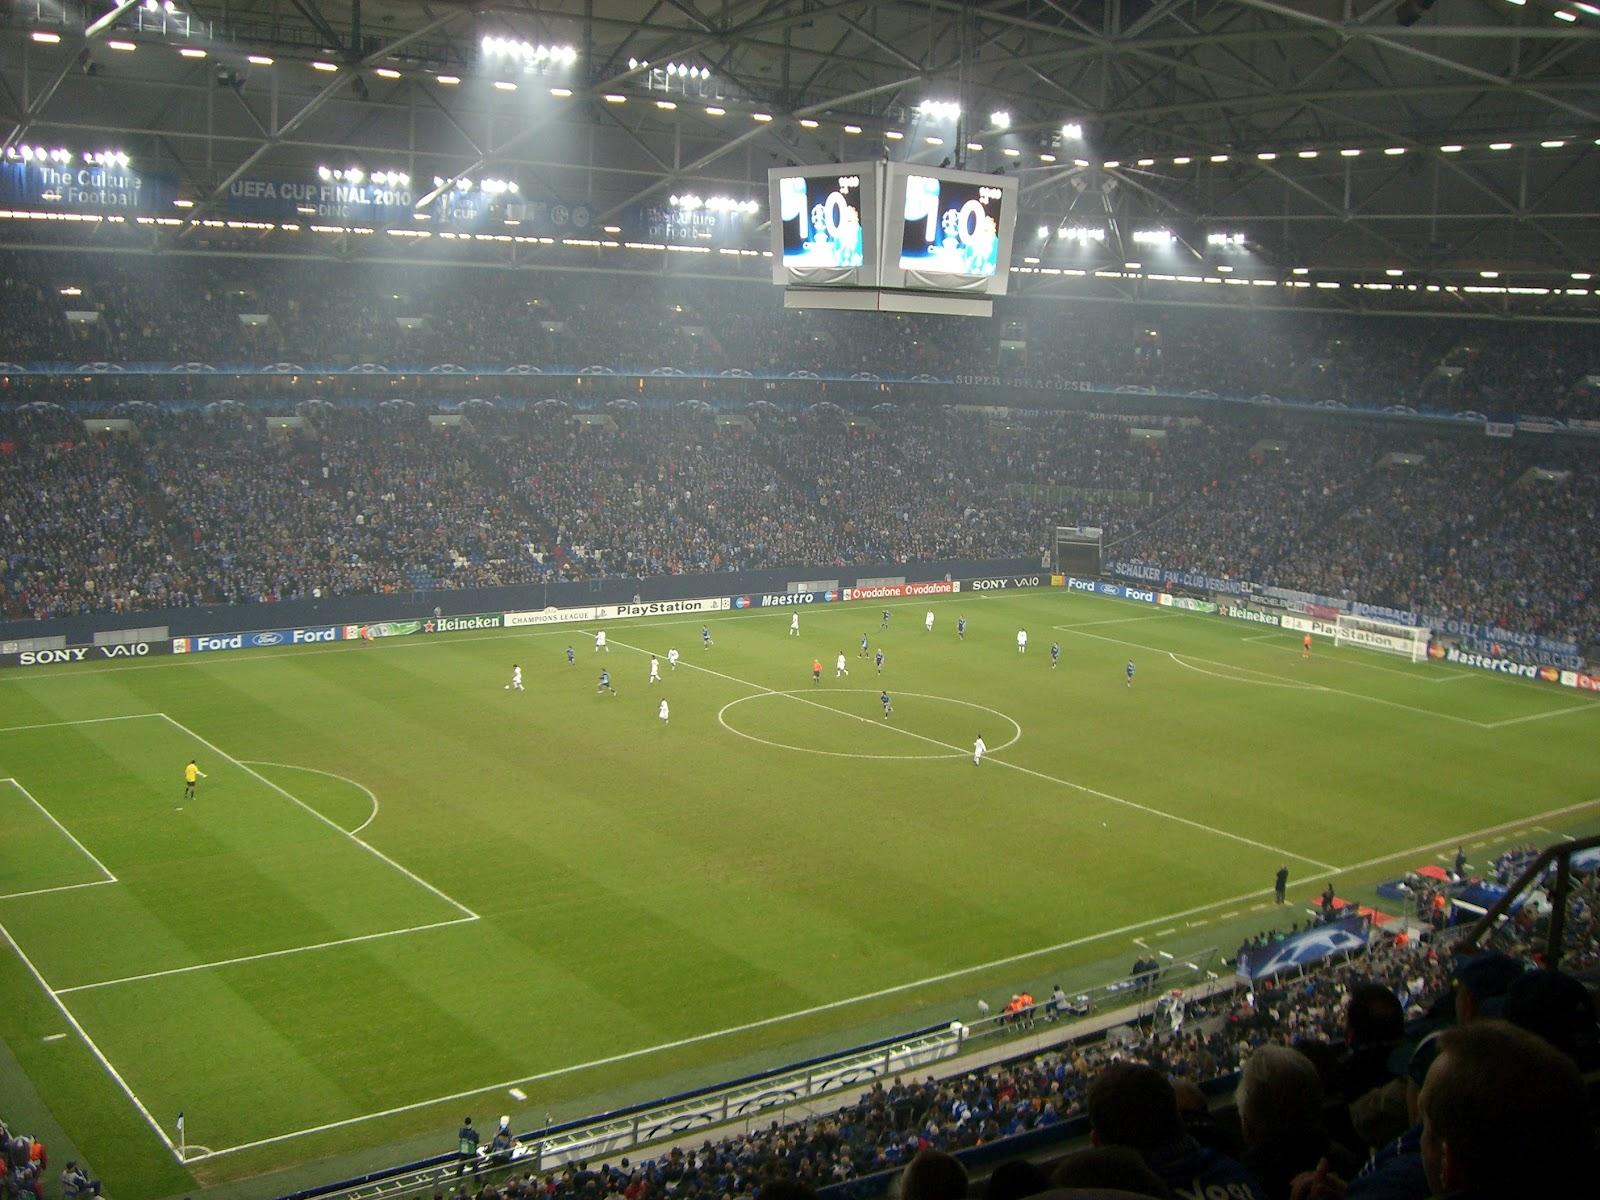 Стадион шальке 04 в 2000- 2001